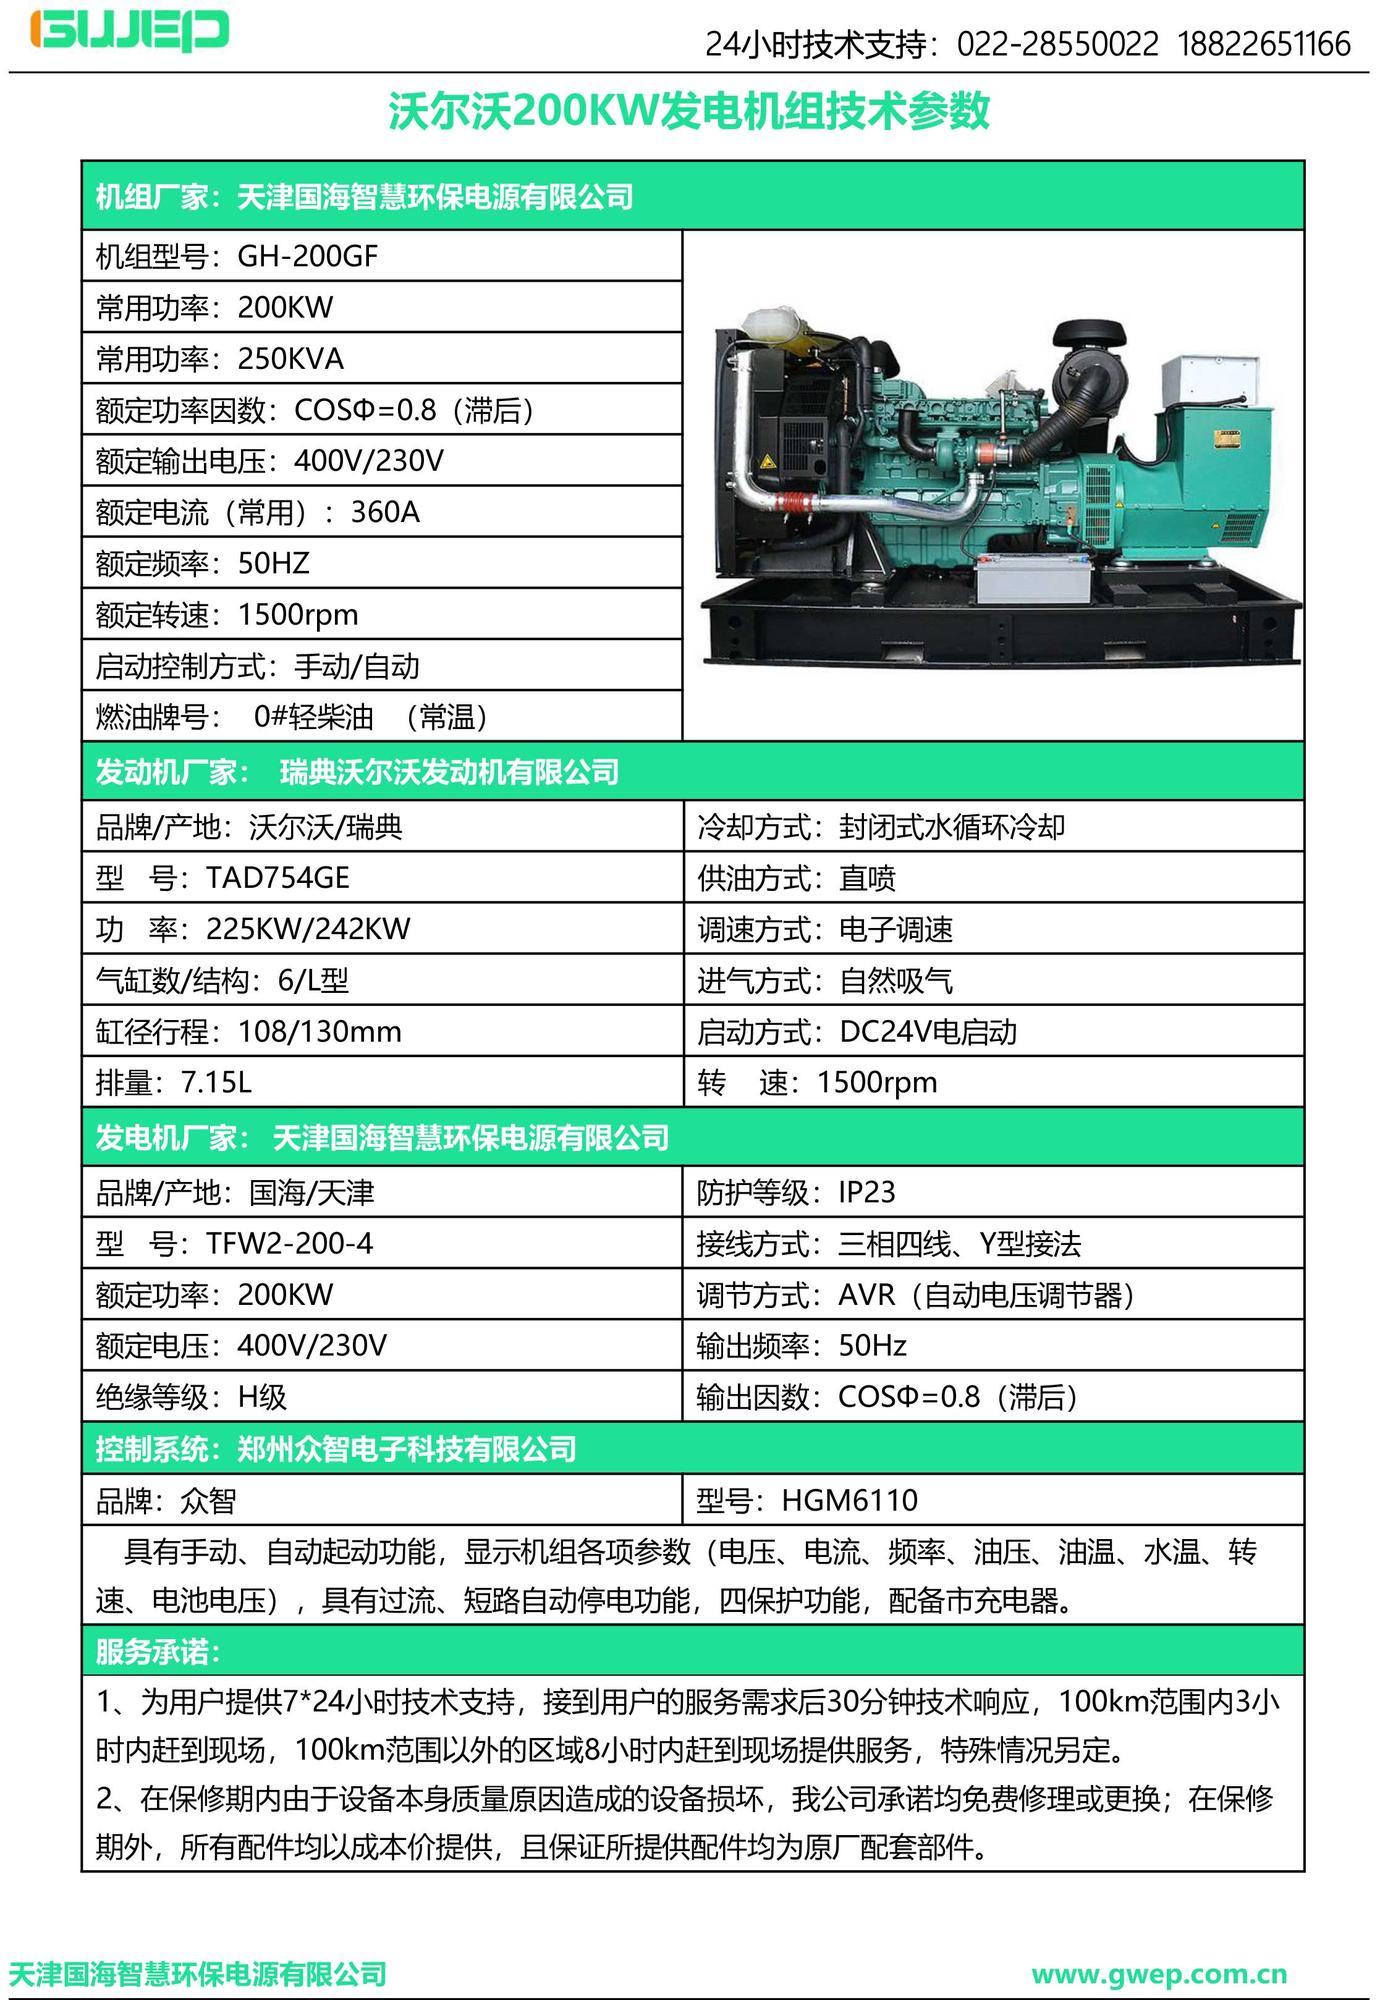 沃尔沃200KW发电机组技术资料-2.jpg